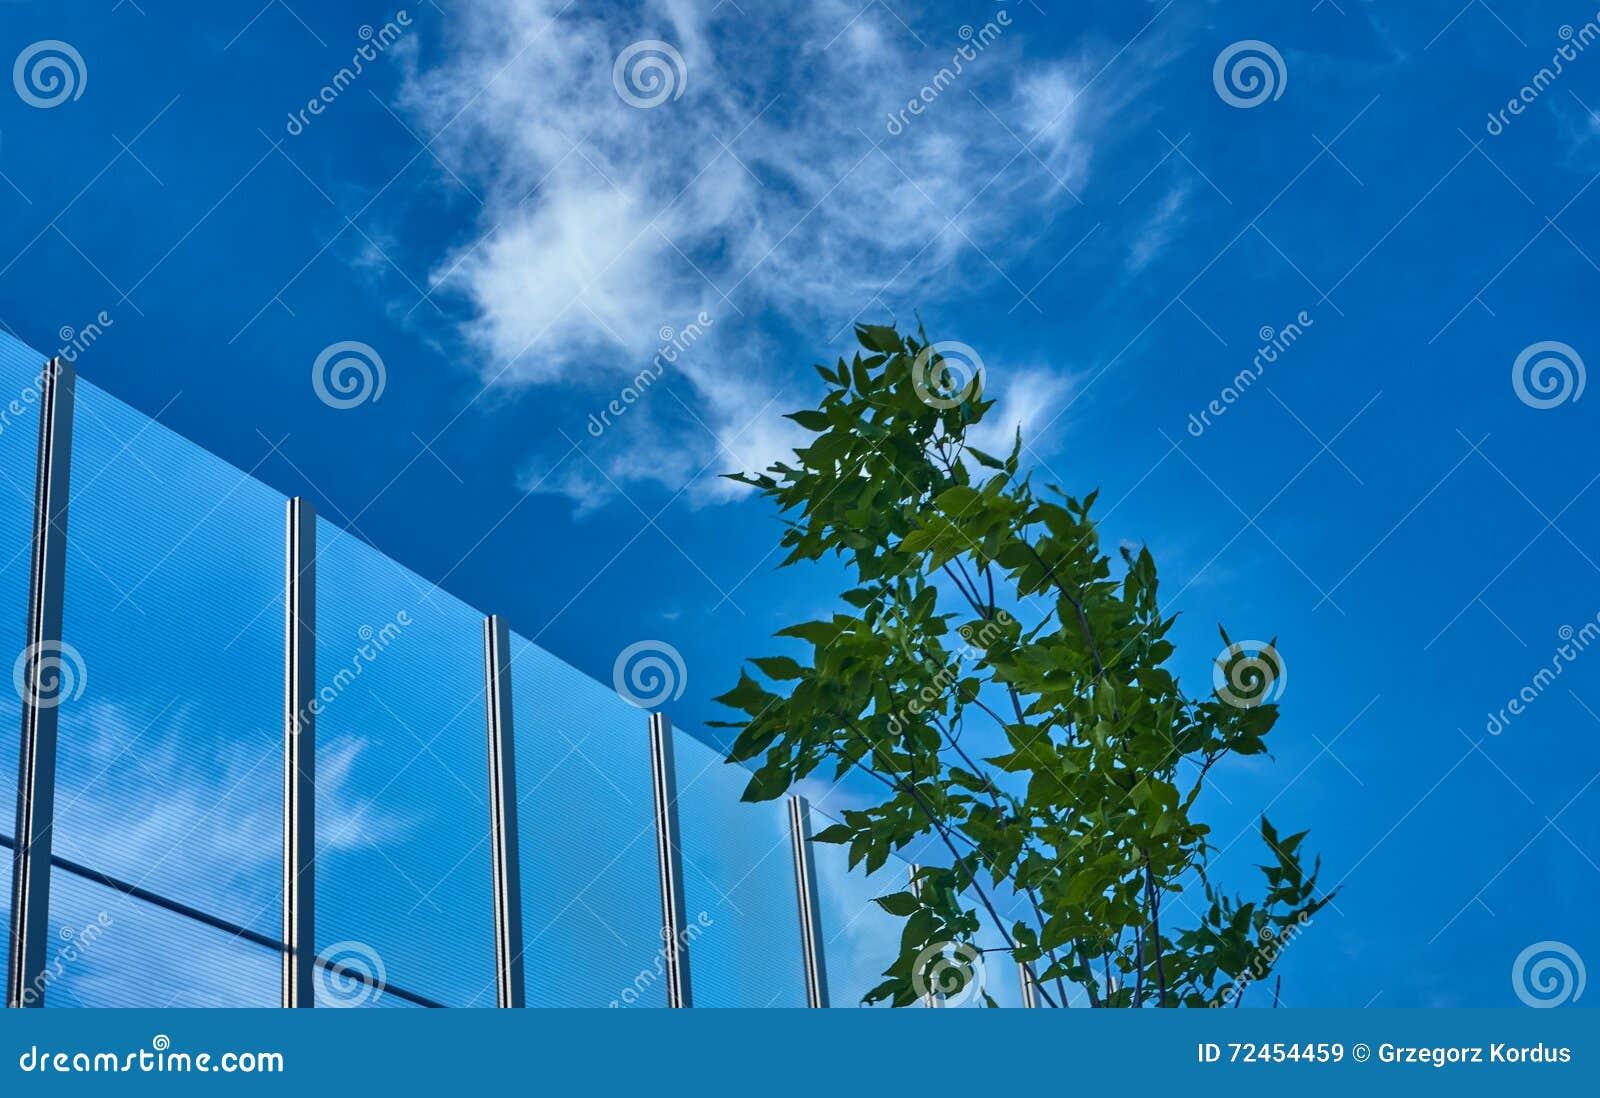 cloison transparente contre le ciel bleu image stock - image du